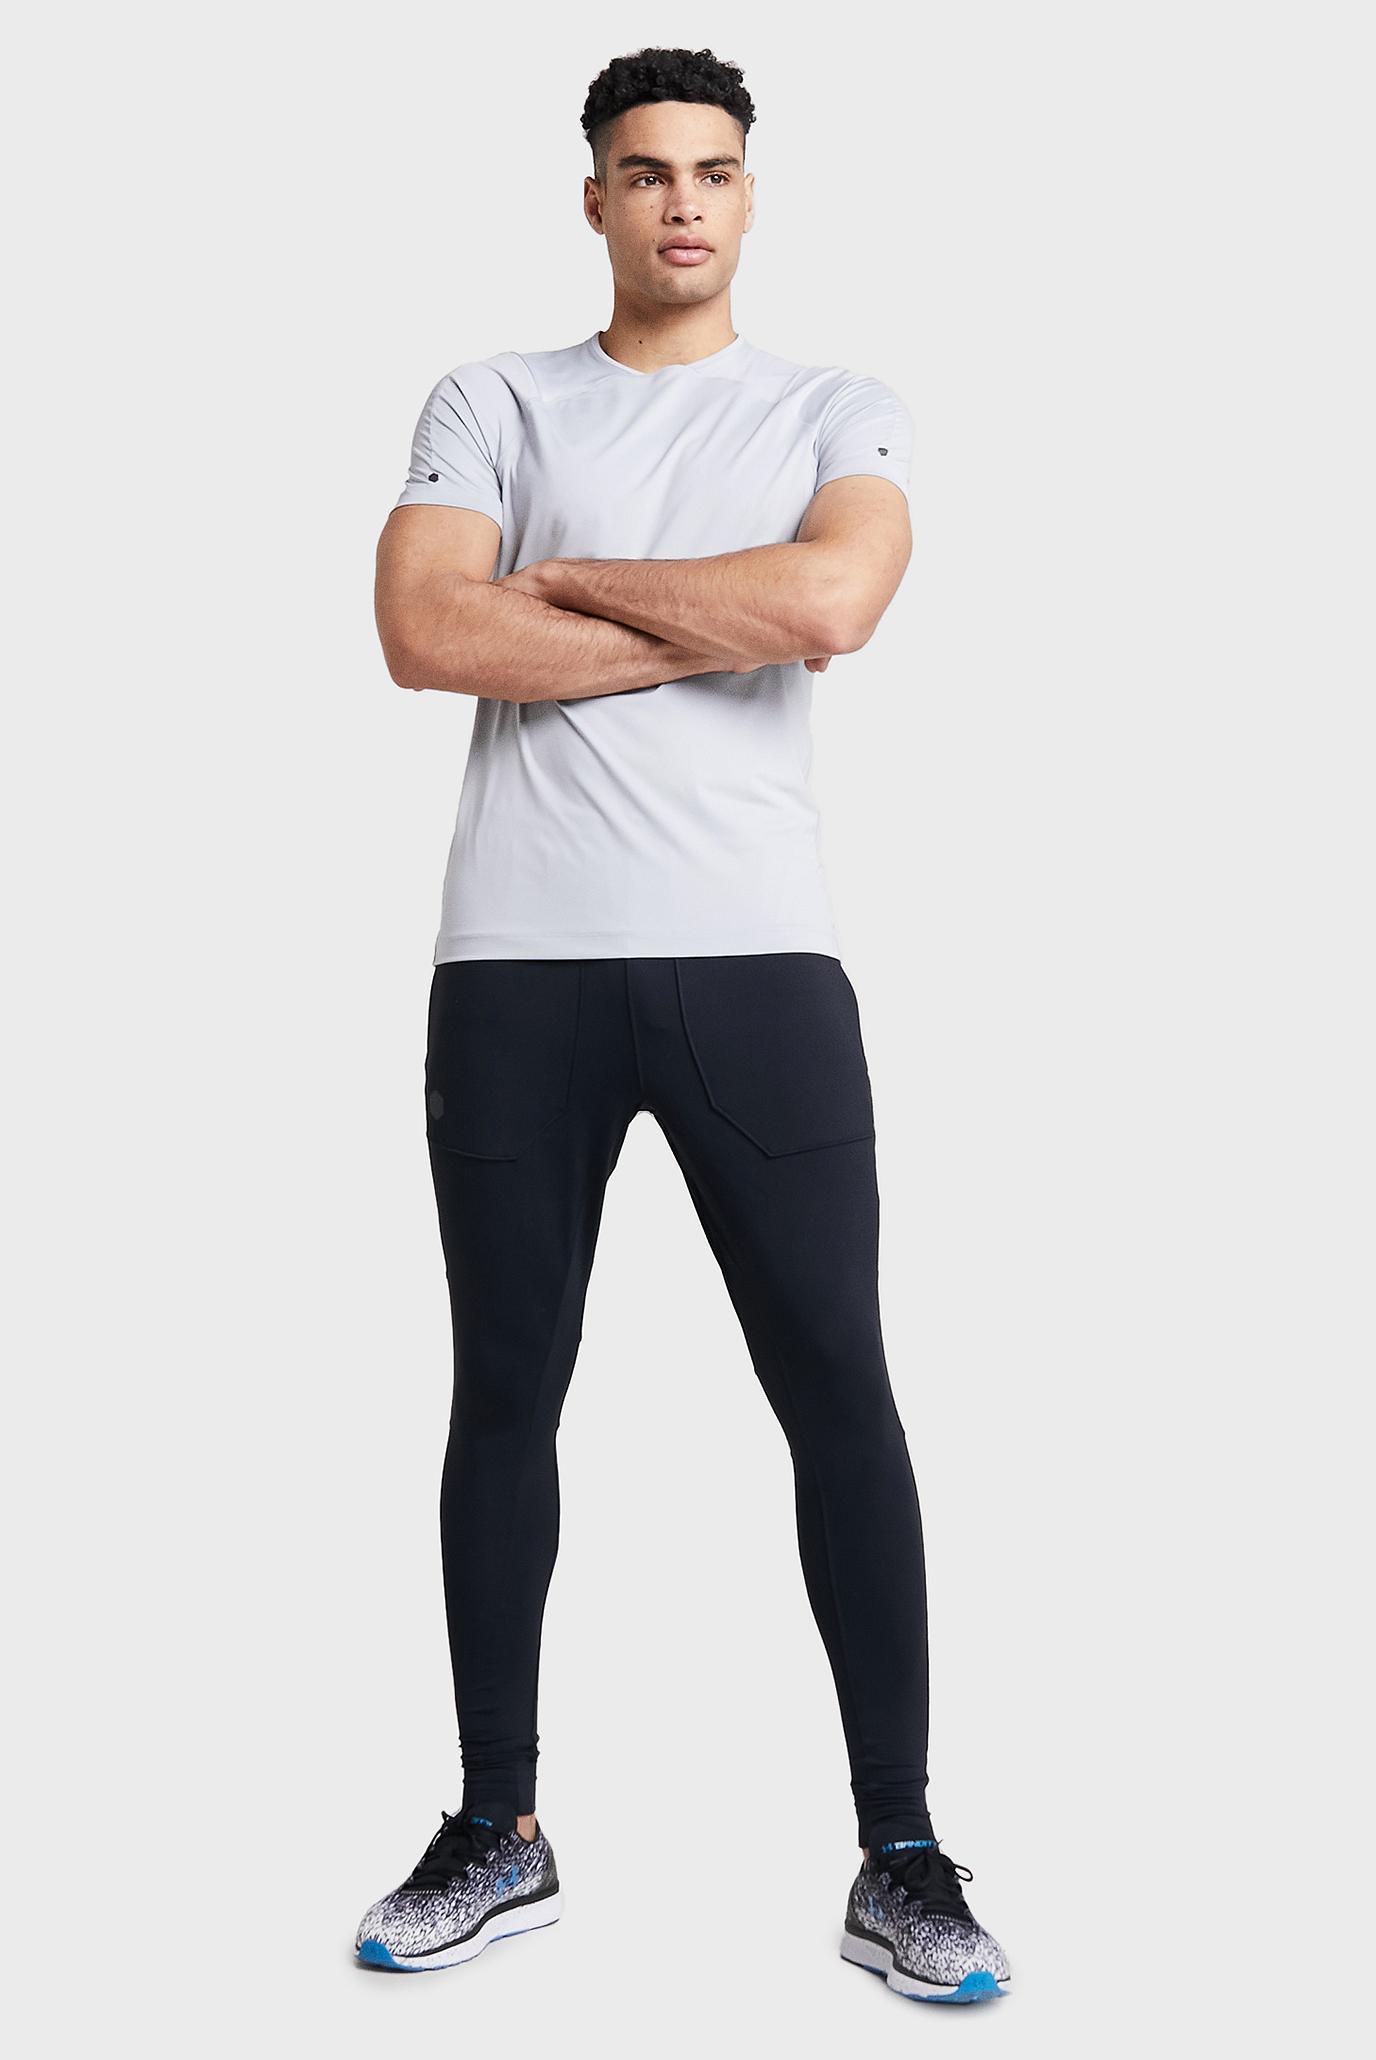 Купить Мужская светло-серая футболка UA Rush SS Under Armour Under Armour 1327641-011 – Киев, Украина. Цены в интернет магазине MD Fashion